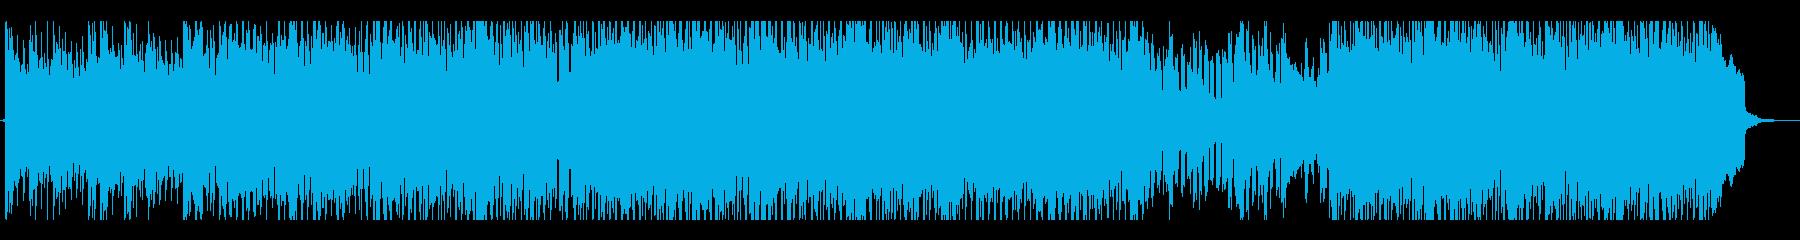 コーポレート ほのぼの 幸せ 緊張...の再生済みの波形